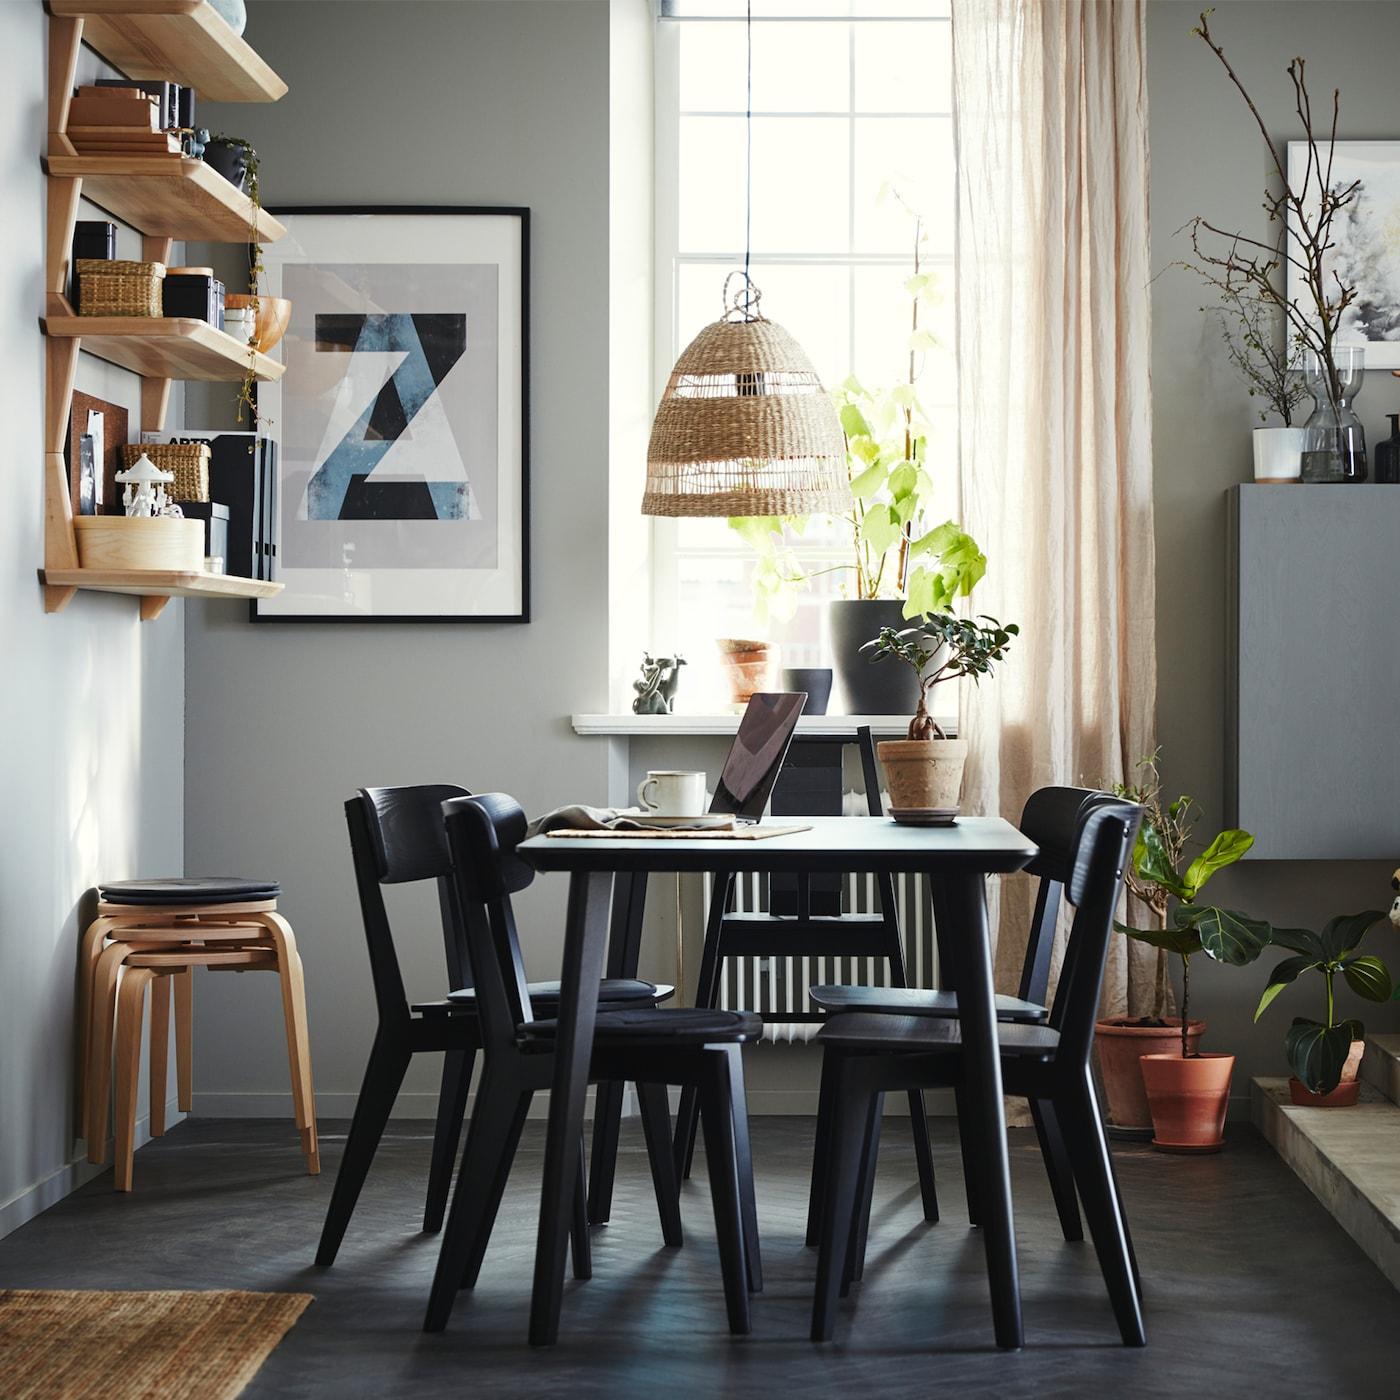 Ruang makan yang mempunyai meja, empat kerusi dan kerusi tinggi berwarna hitam, para terbuka yang dibuat daripada venir kayu ash, empat bangku dan langsir berwarna kuning air.